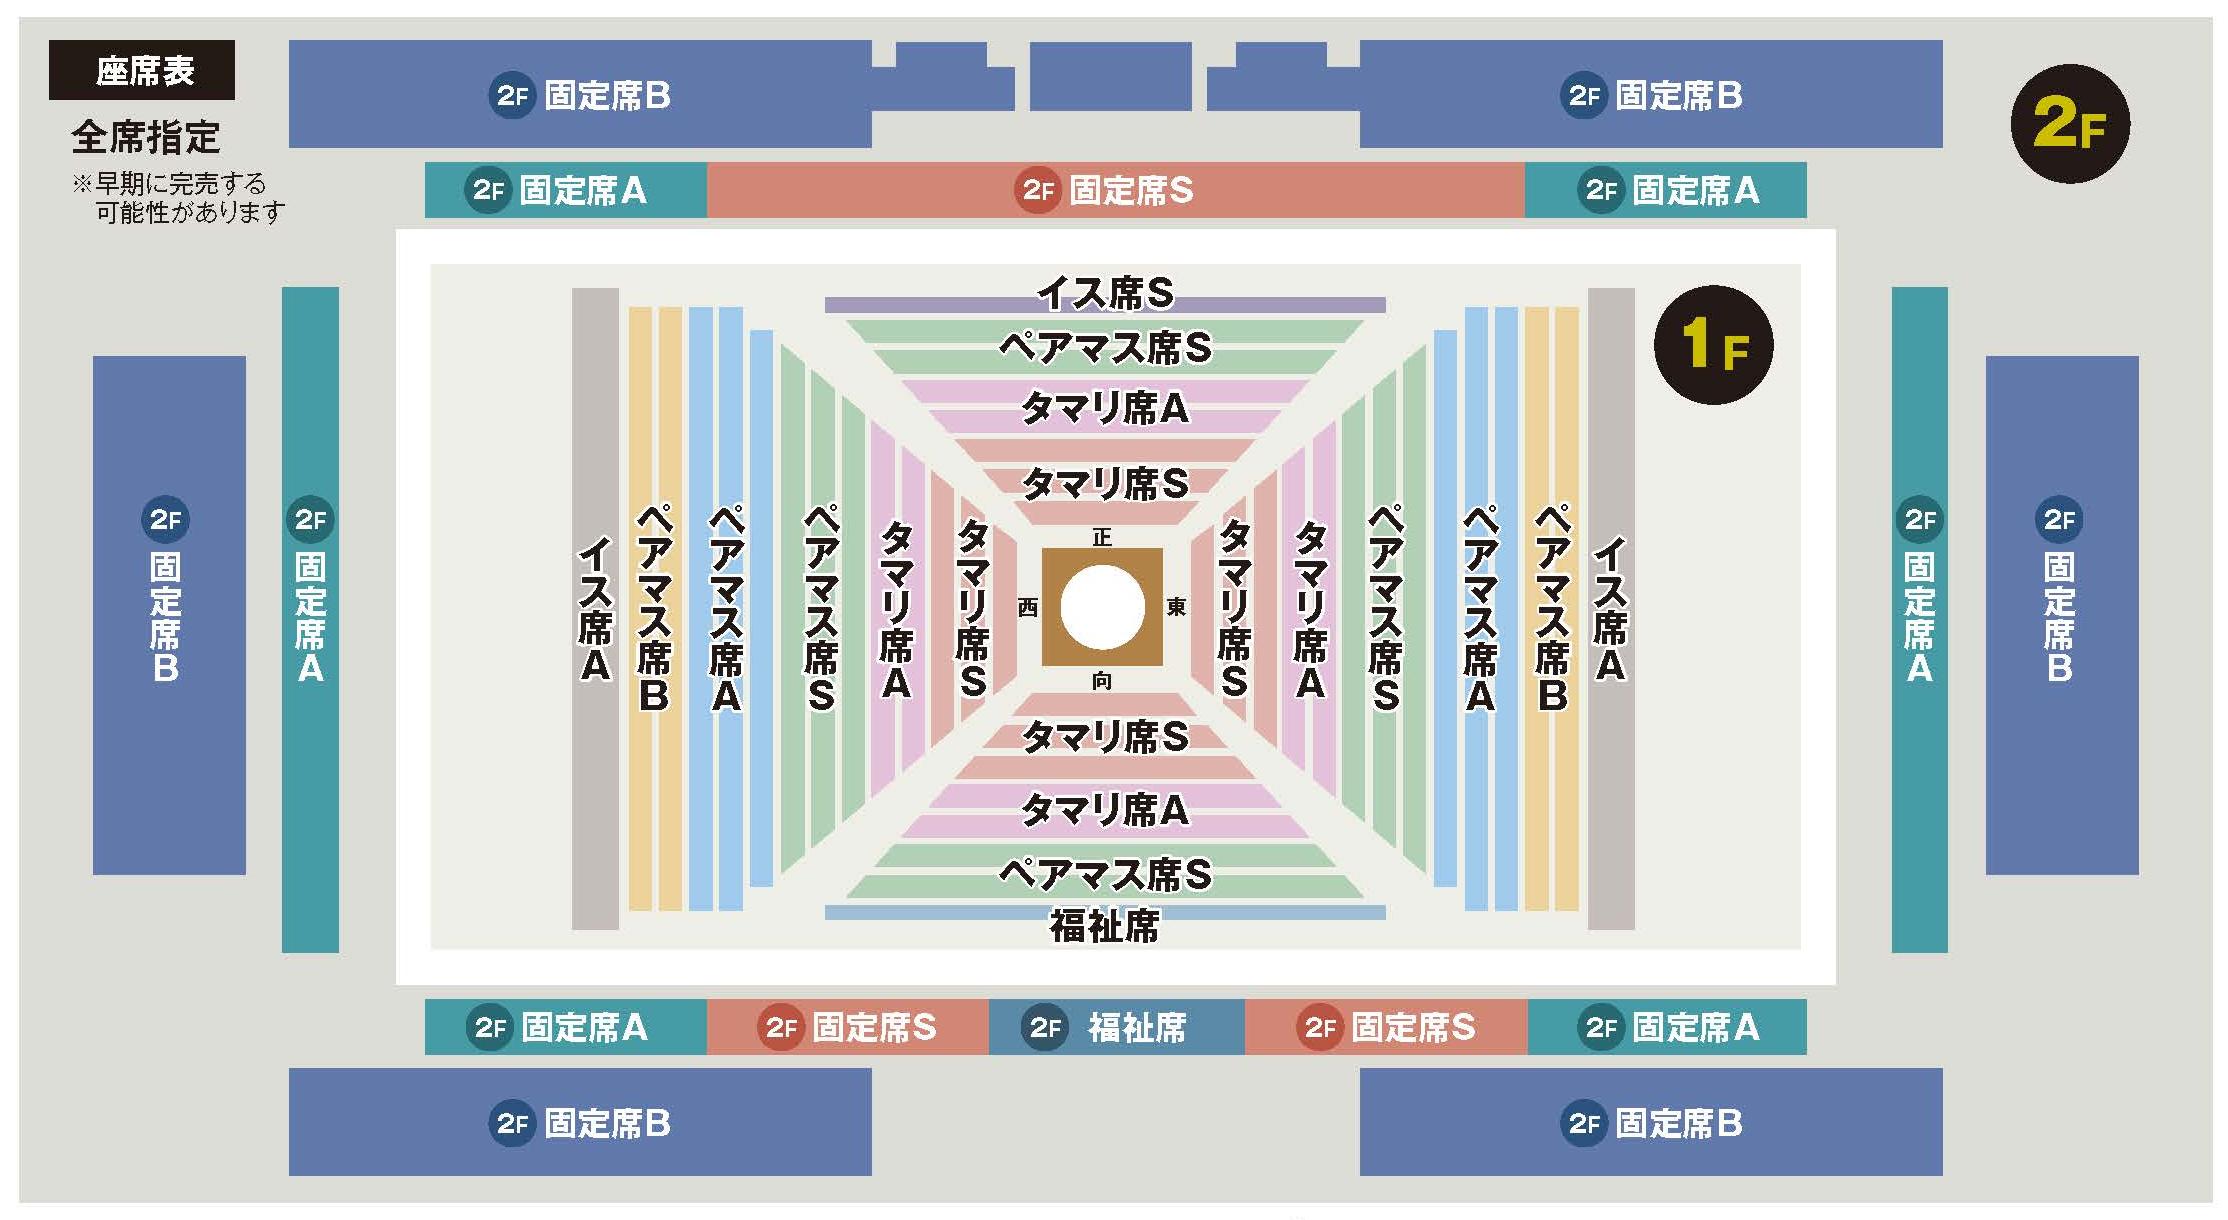 大相撲巡業越谷場所の席割りと座席表